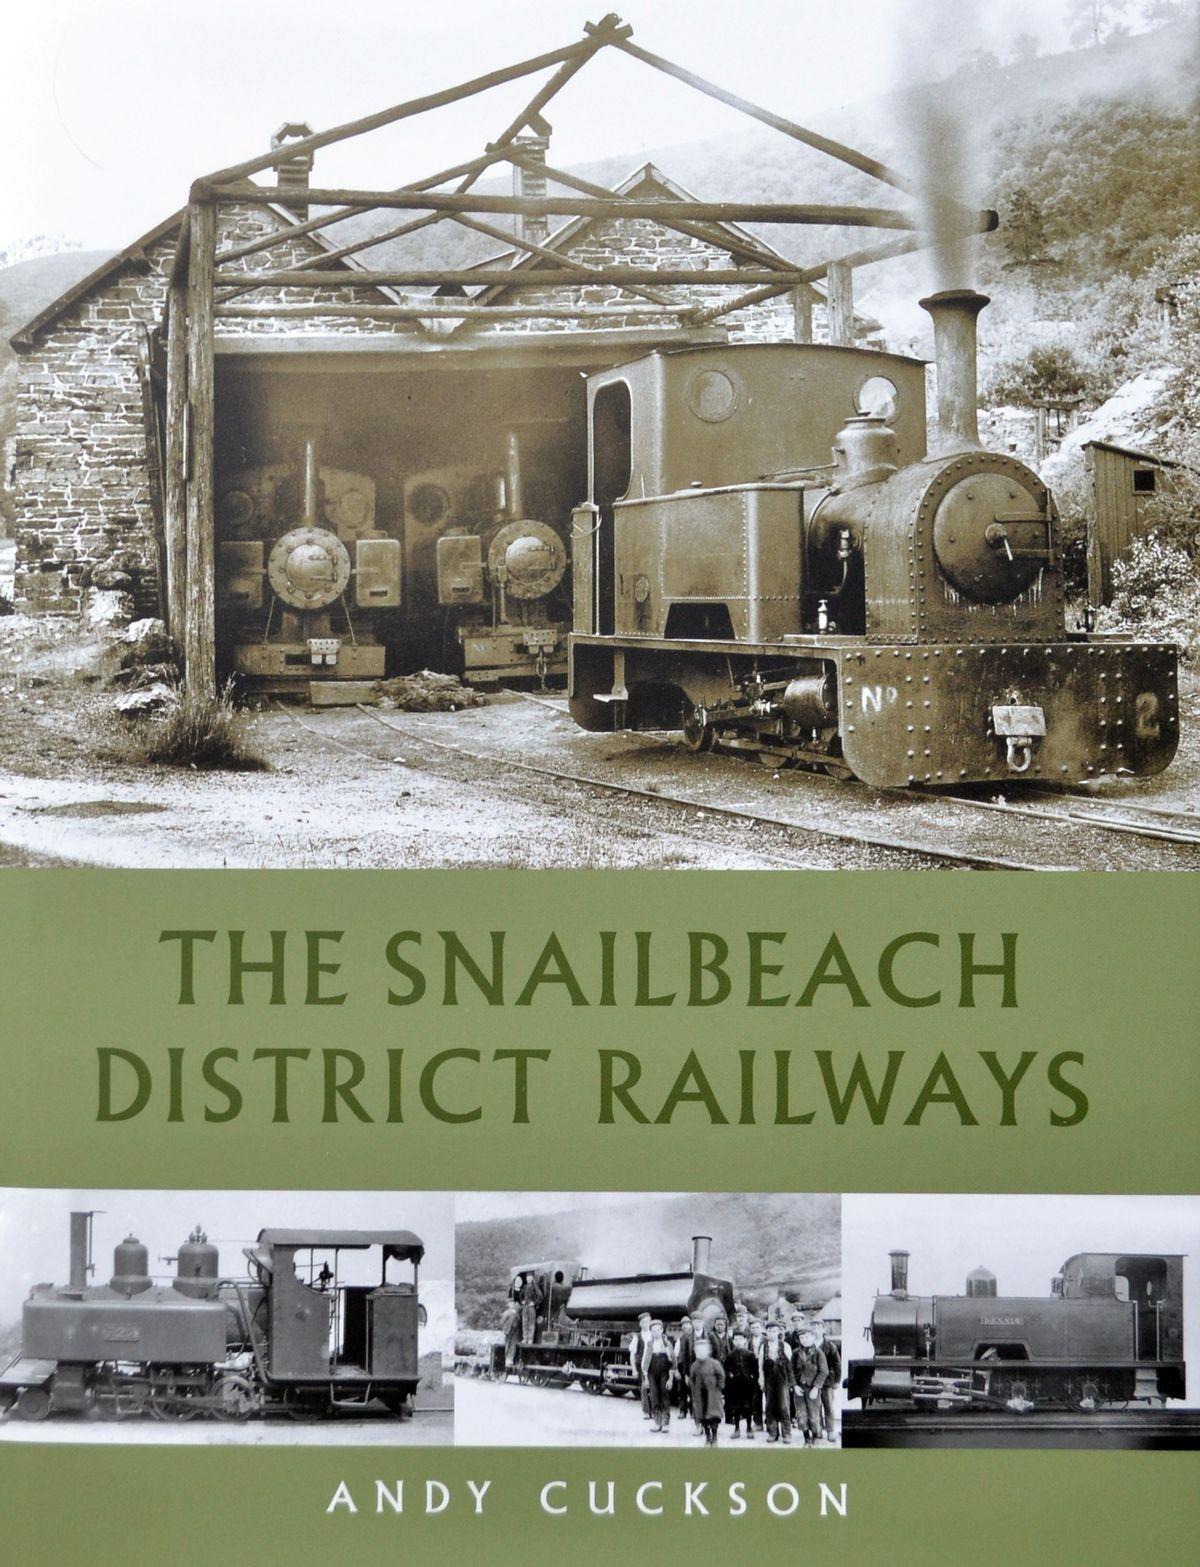 The Snailbeach District Railways